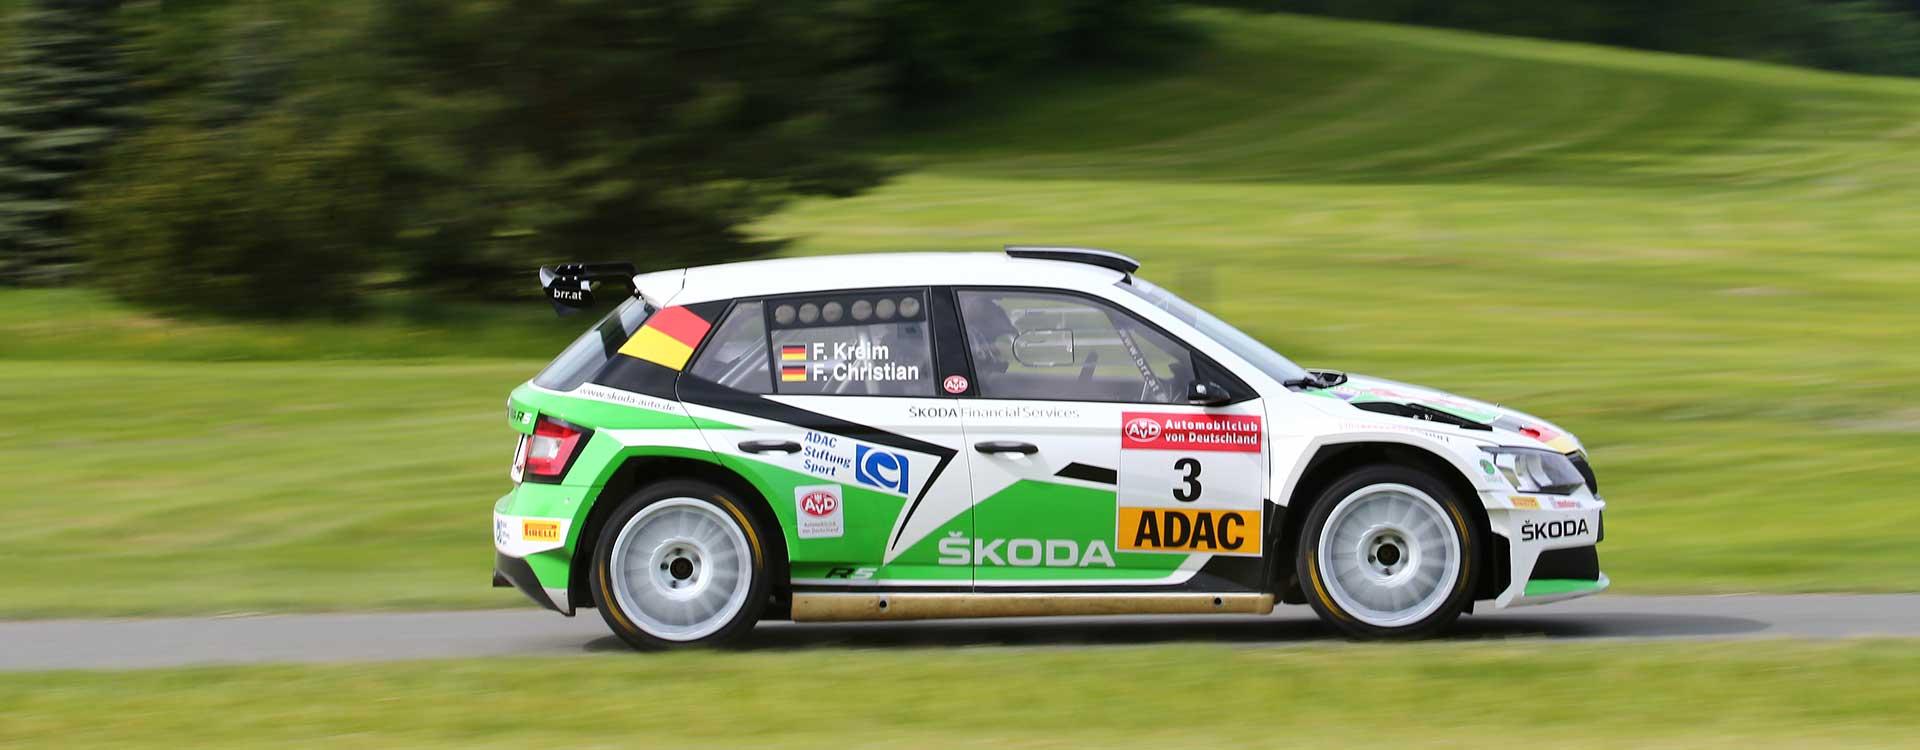 FOTO: Fabian Kreim vybojoval při Sachsen Rallye další vítězství v DRM